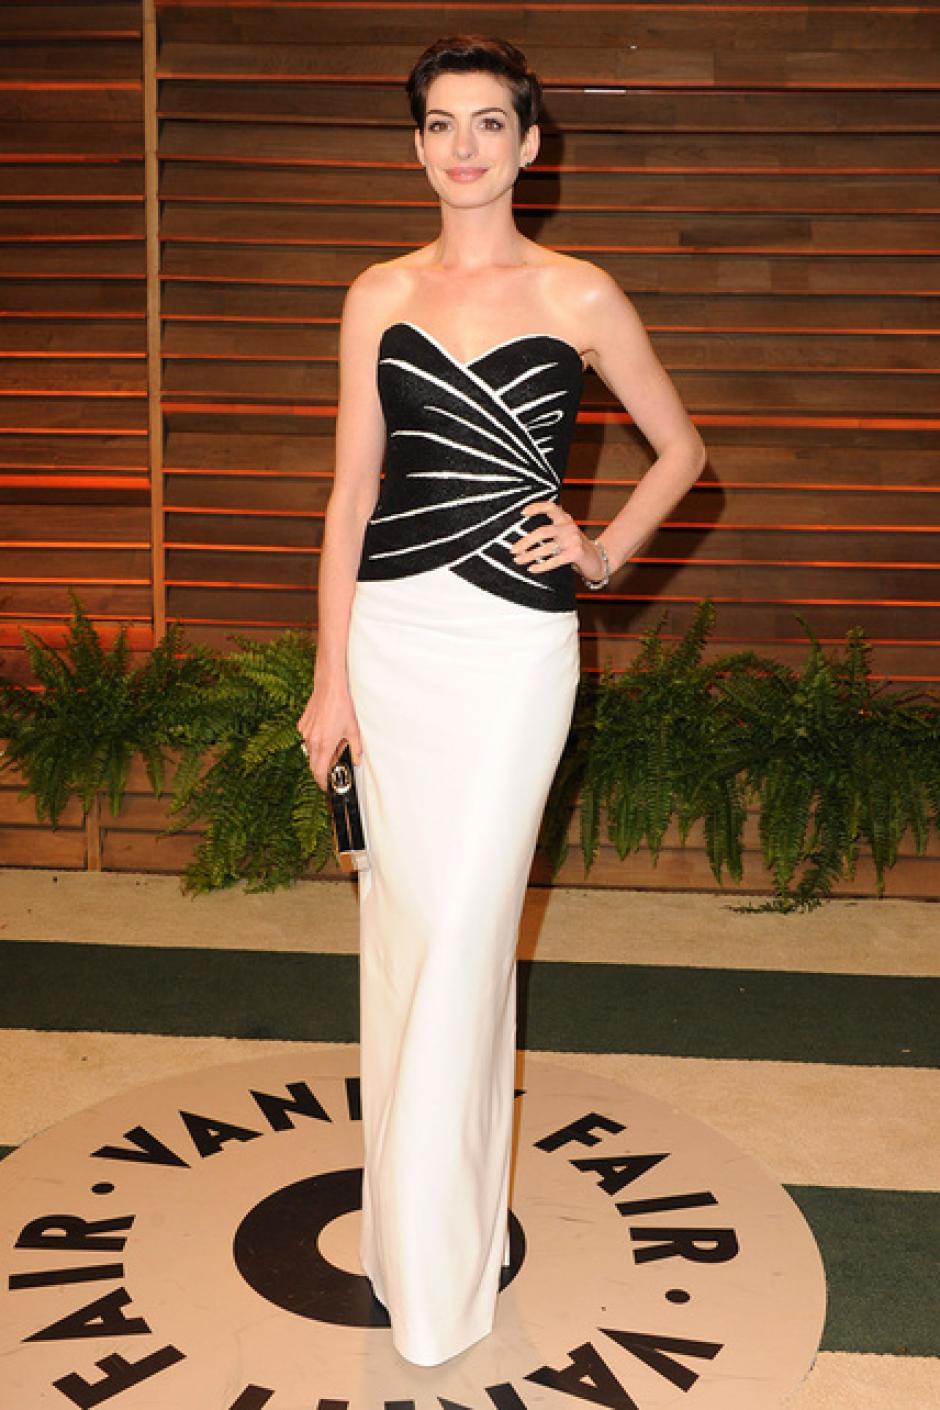 Anne Hathaway eligicó la sobriedad para unirse a la fiesta. (Foto: SModa)